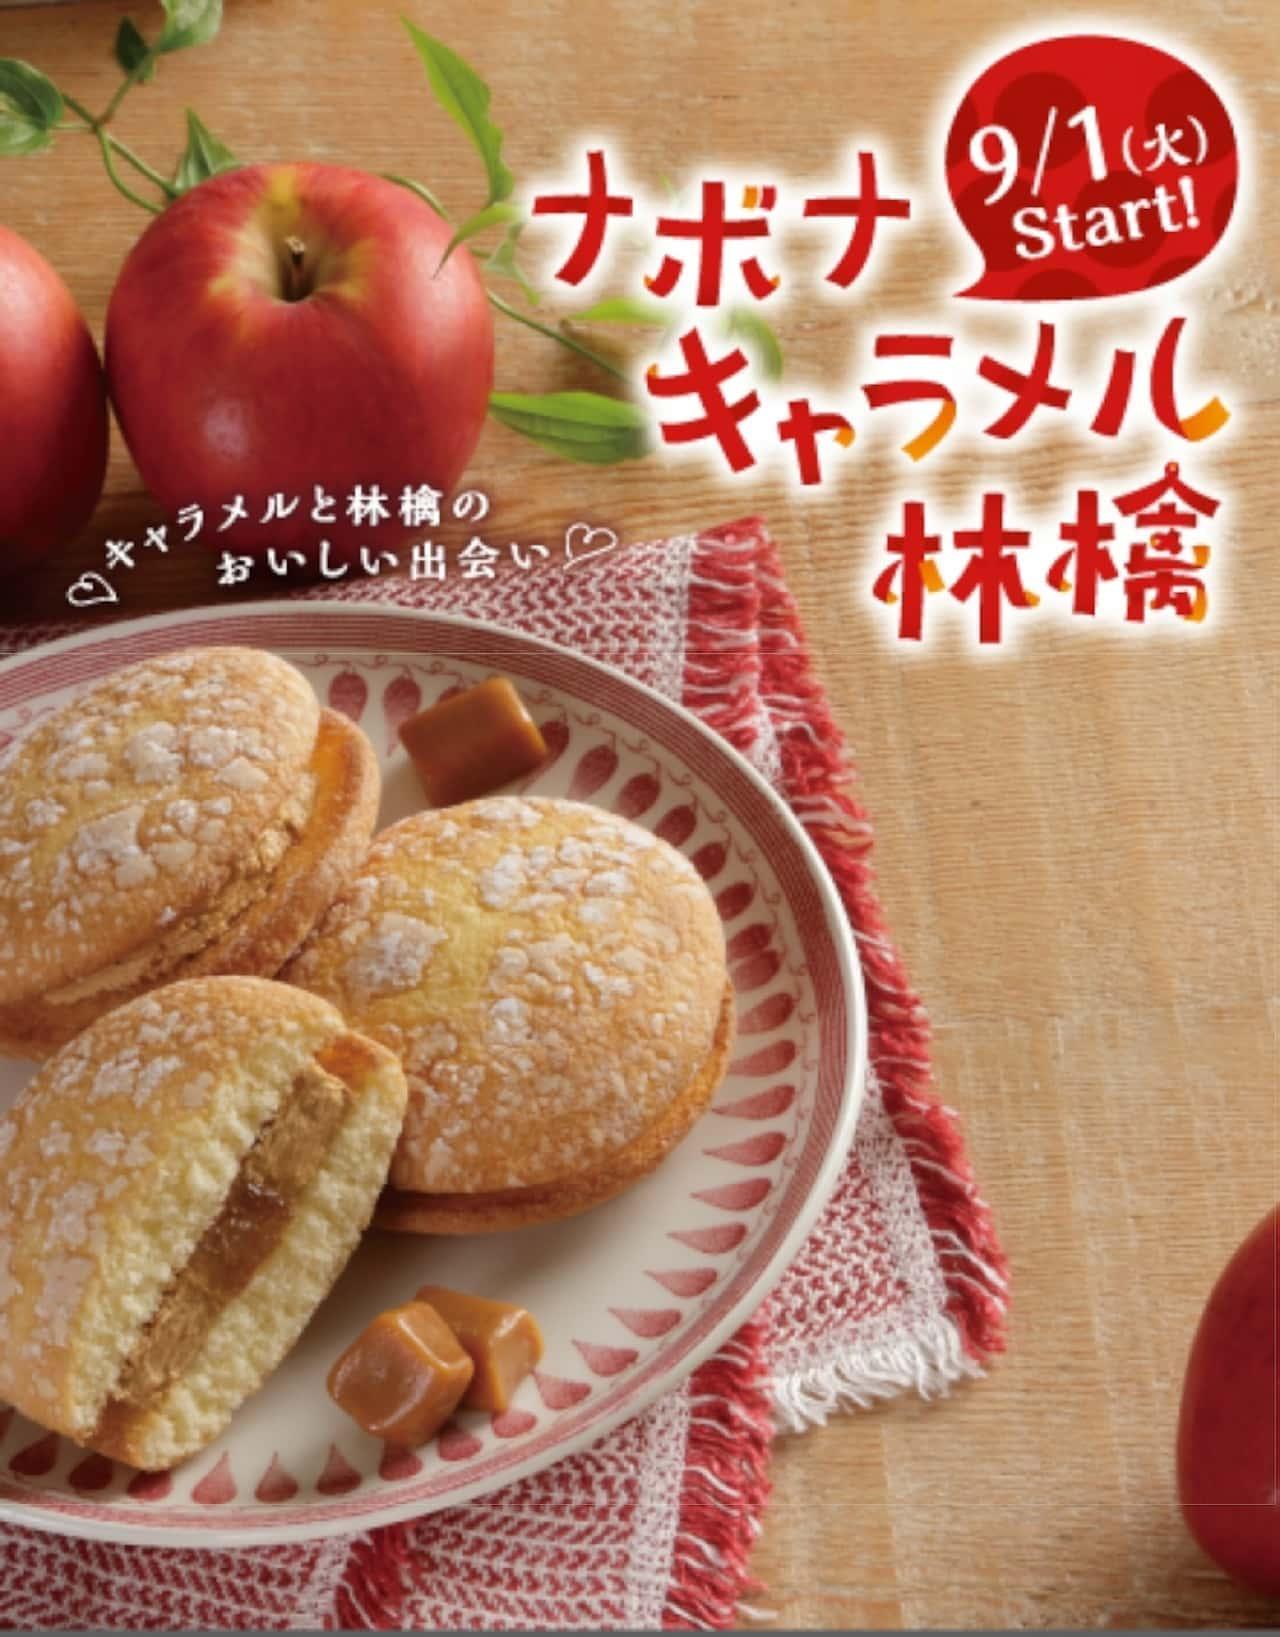 洋菓子「ナボナ」に季節限定「キャラメル林檎」